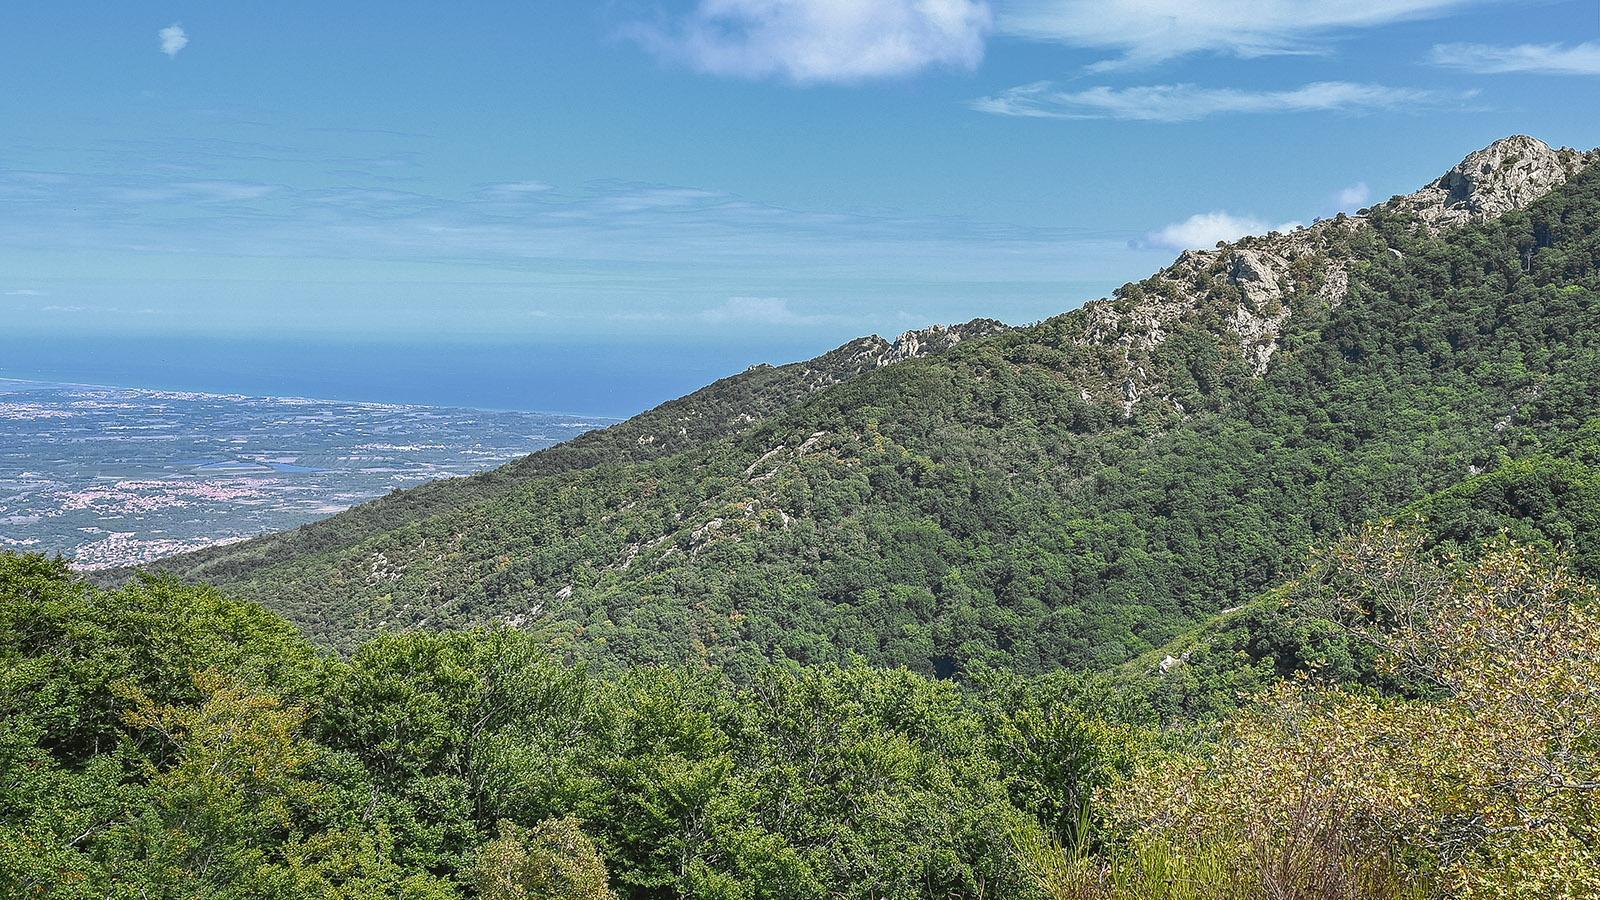 Der Blick vom <em>Col de l'Ouillat</em> auf die Ebene des Roussillon. Foto: Hilke Maunder